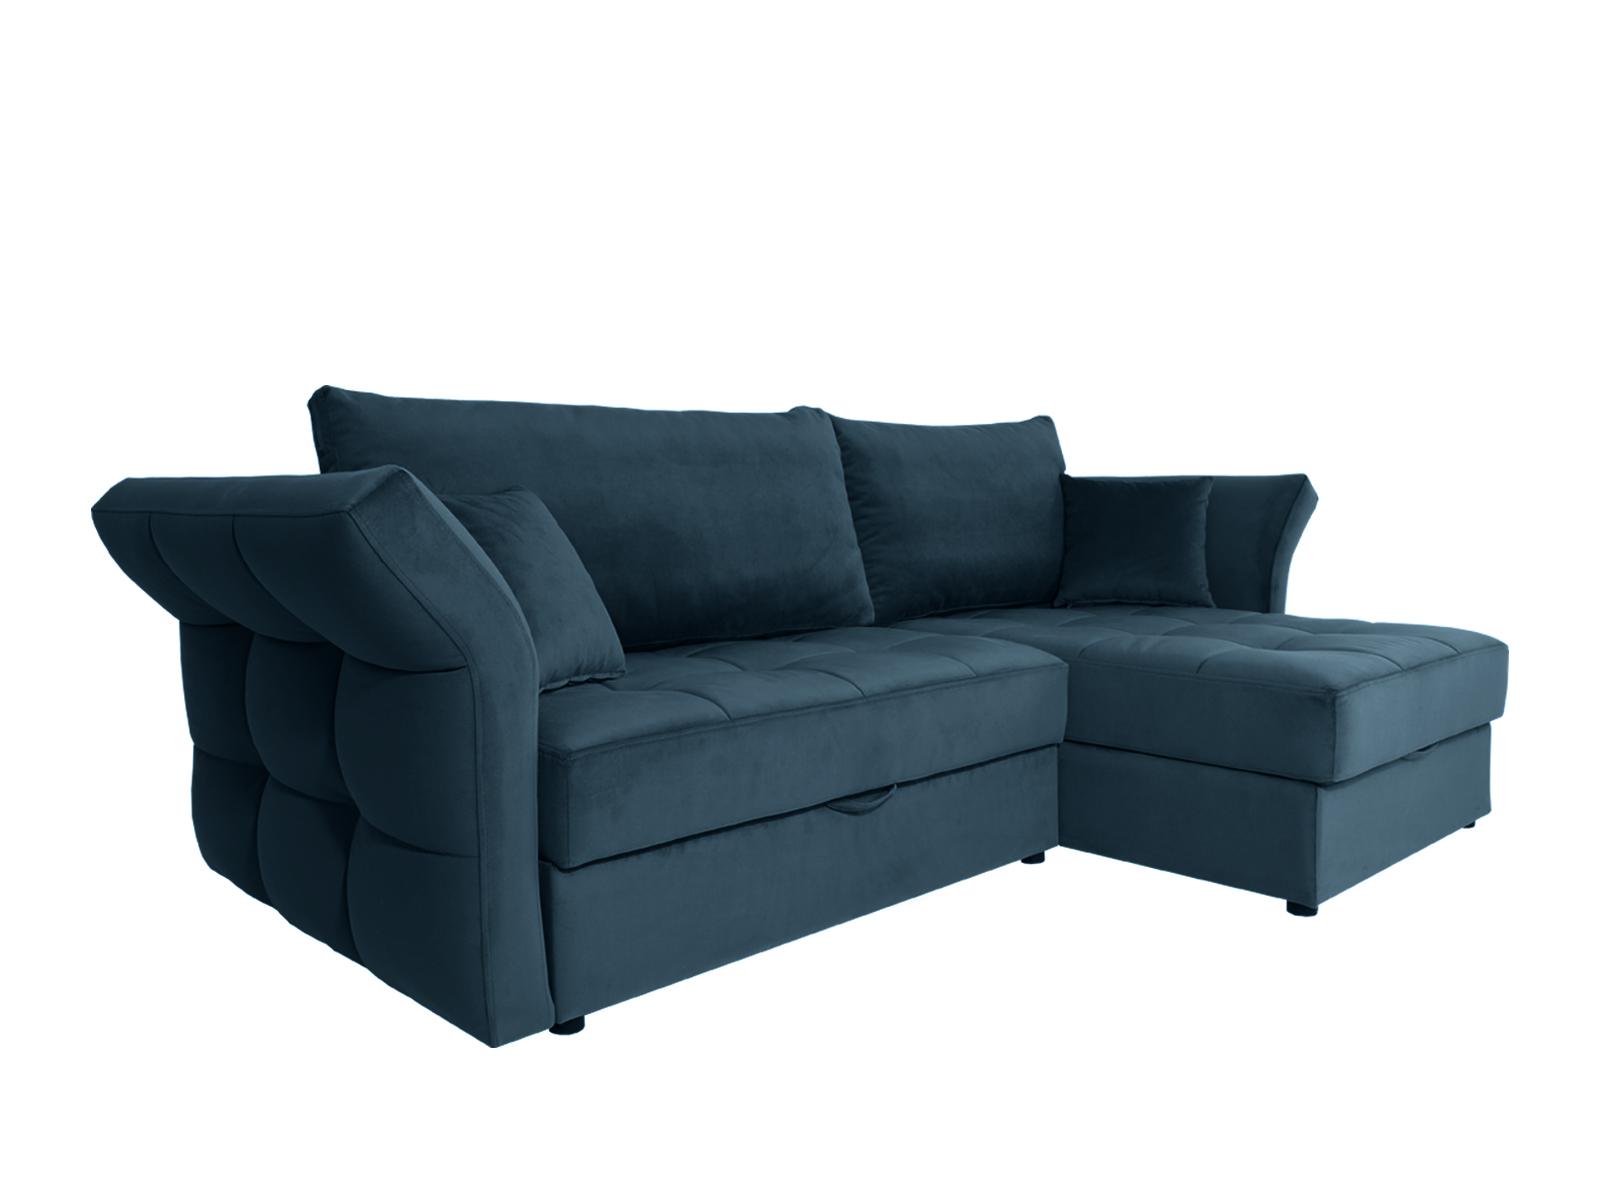 Диван WingУгловые раскладные диваны<br>Особенностью этого углового дивана является универсальное исполнение - оттоманку можно располагать как с правой, так и с левой стороны. Сиденье оттоманки снабжено подъемным механизмом на пневматических лифтах.Материалы:Каркас: фанера, МДФ.Мягкие элементы дивана: пенополиуретан, холлофайбер, синтепон.Съемные подушки: синтетическое волокно «синтепух».Обивка: 100% полиэстер.<br><br>kit: None<br>gender: None